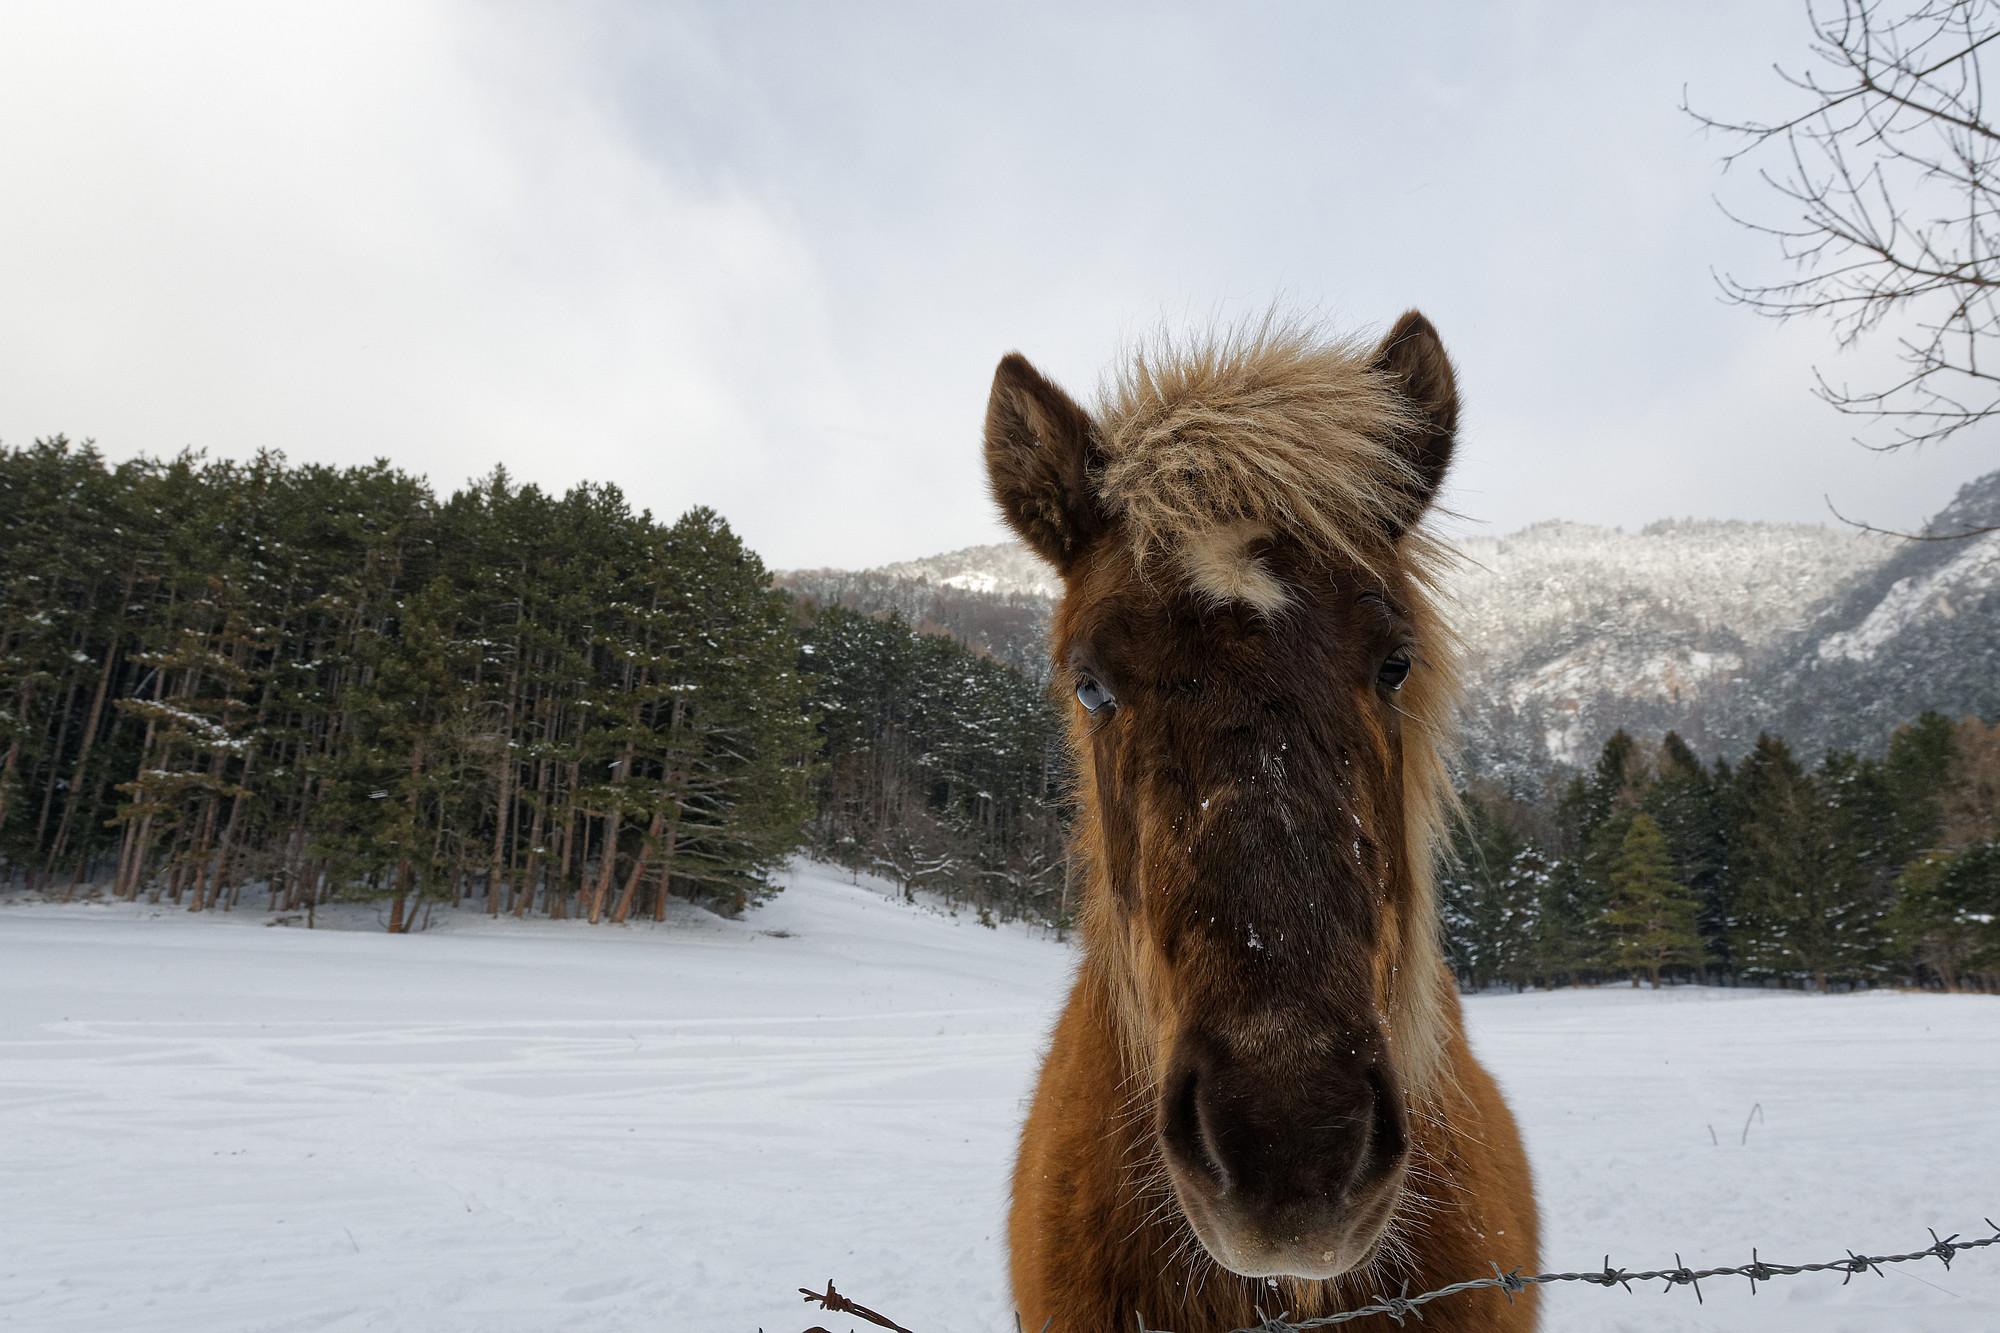 pony im schnee 2021-01-26